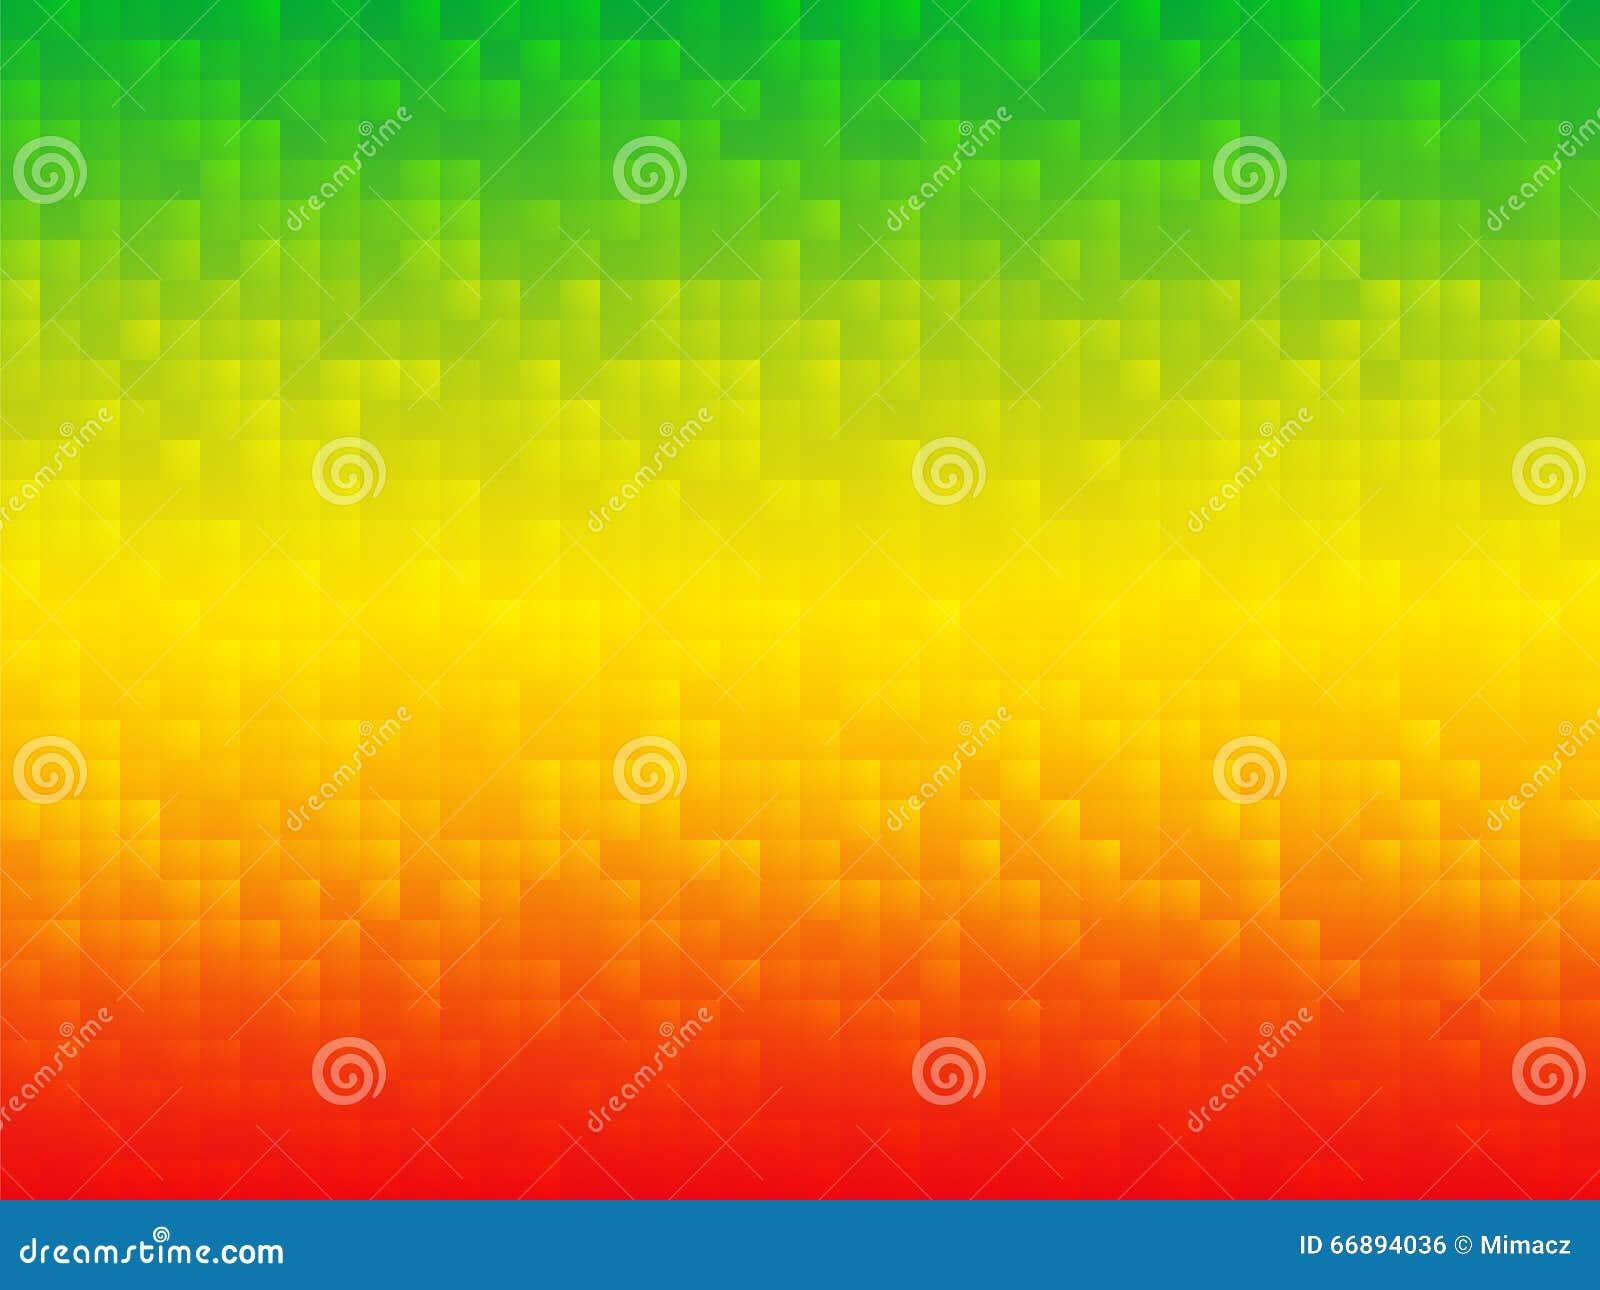 Fondo Fondos De Pantalla Verde Amarillo Y Rojo